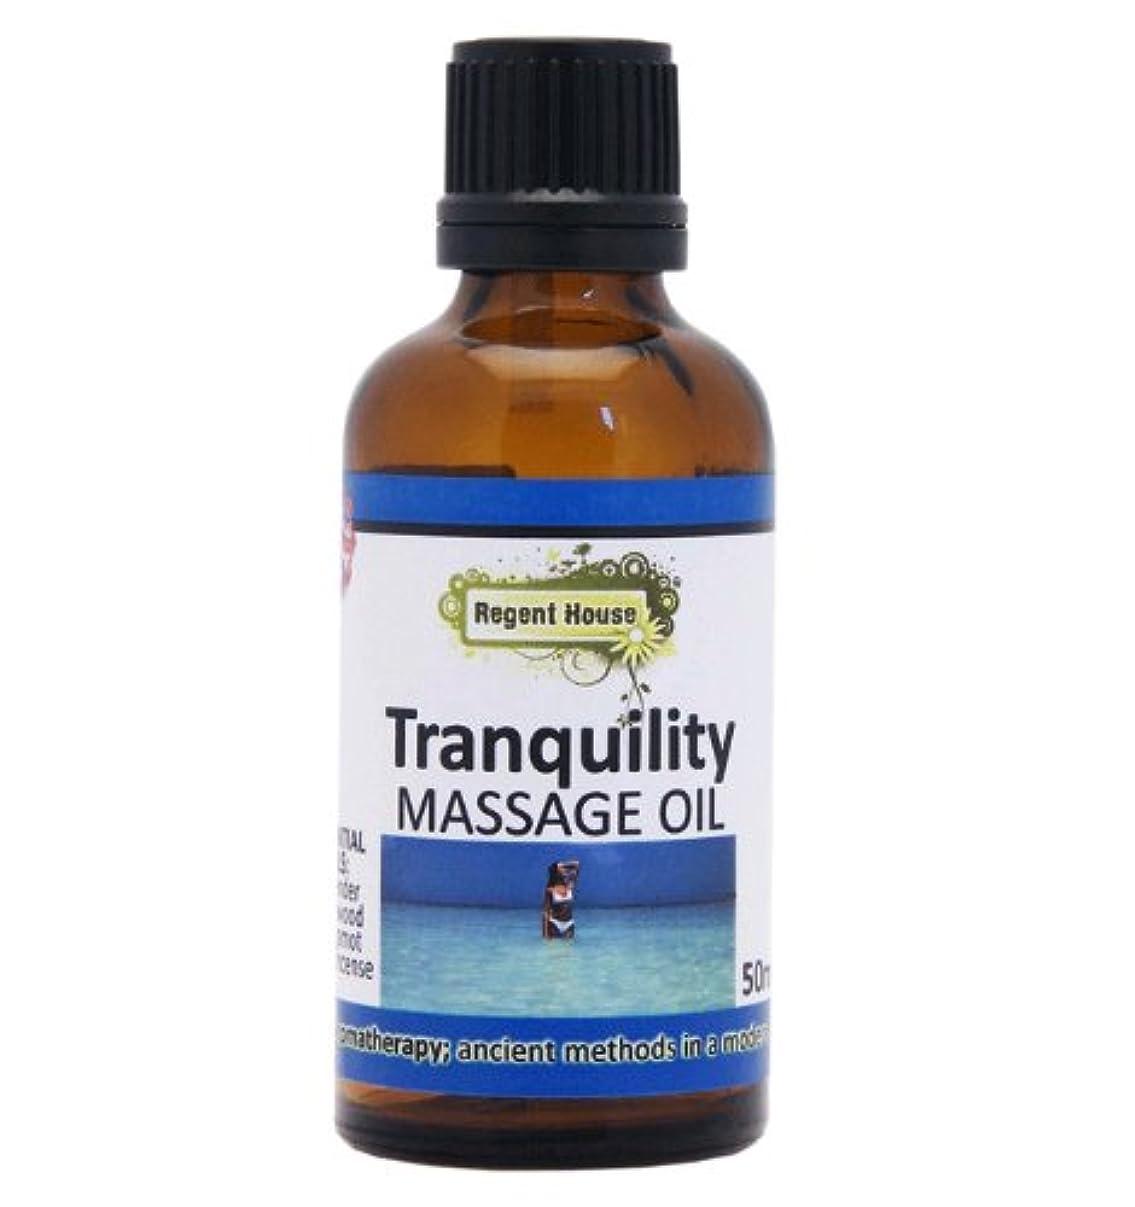 伝統ダブル医療の貴重なローズウッドを、たっぷり配合しました。 アロマ ナチュラル マッサージオイル 50ml トランキュリティー(Aroma Massage Oil Tranqulity)